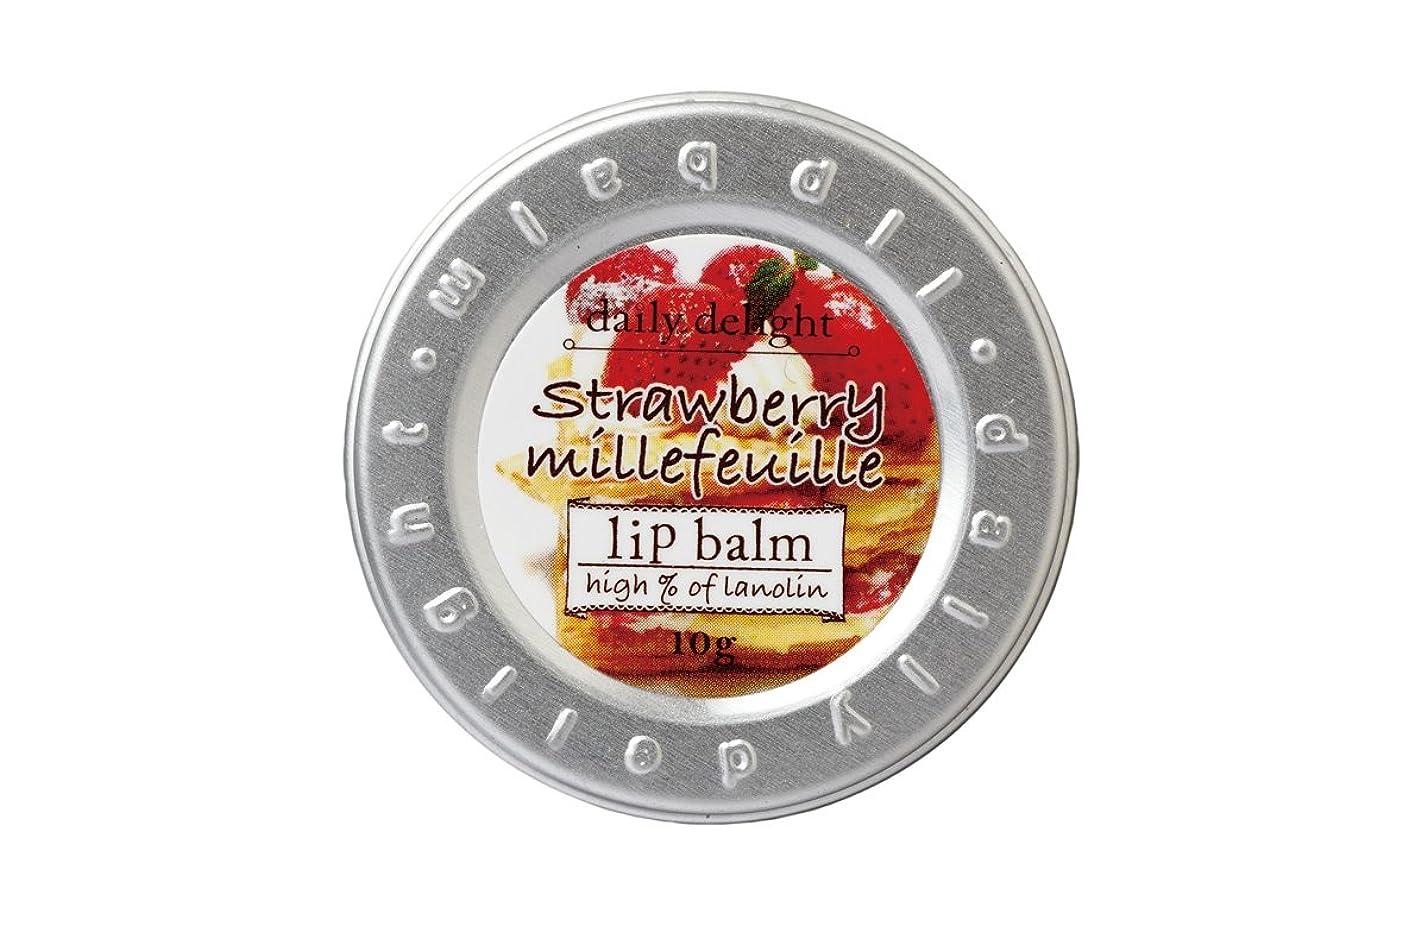 ファンネルウェブスパイダー最大の干渉デイリーディライト リップバーム ストロベリーミルフィーユ 10g(リップクリーム 缶入り 唇用保湿クリーム いちごとパイのあまずっぱい香り)